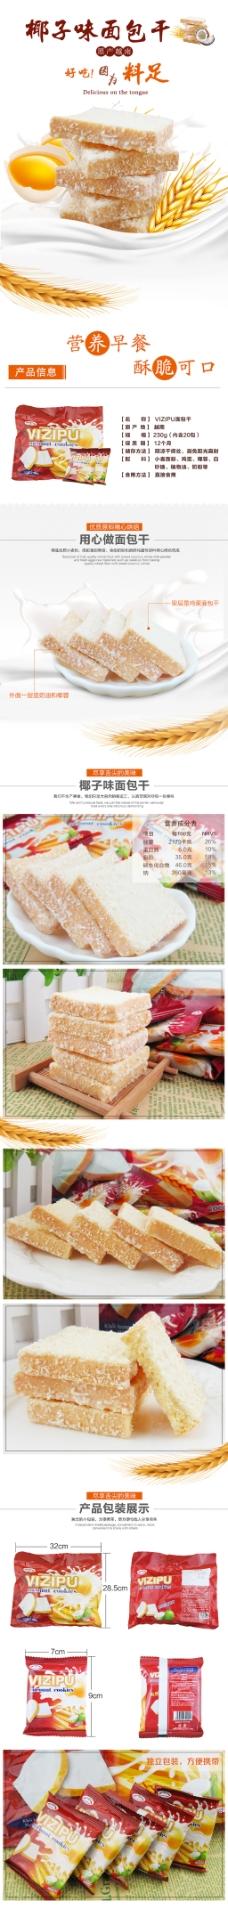 淘宝食品详情页 面包干